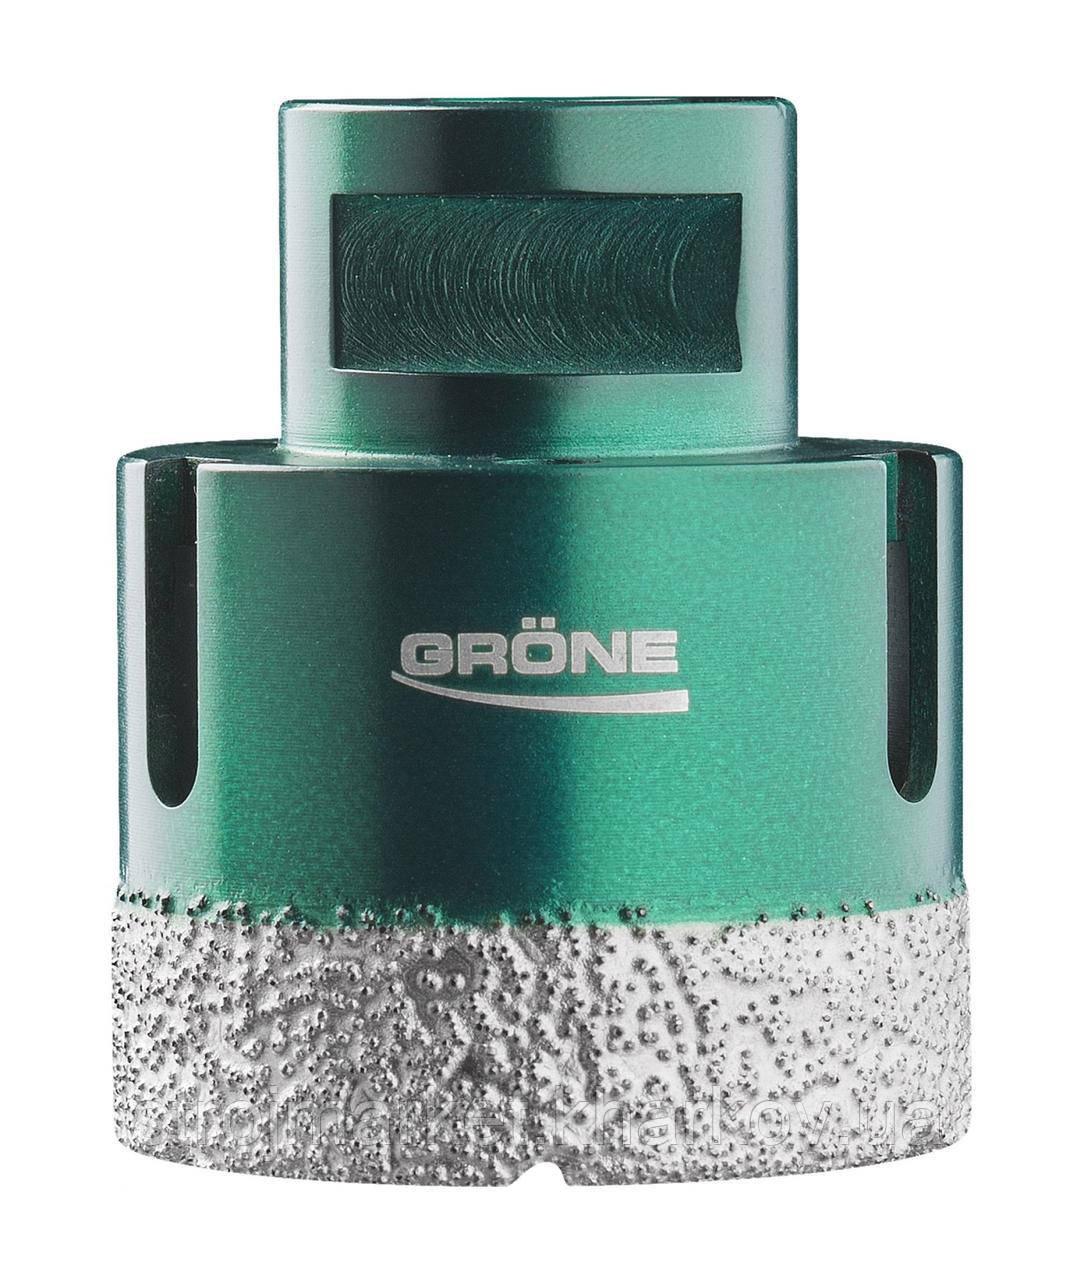 Алмазная коронка вакуумного спекания 6 мм Grone (М14) УШМ